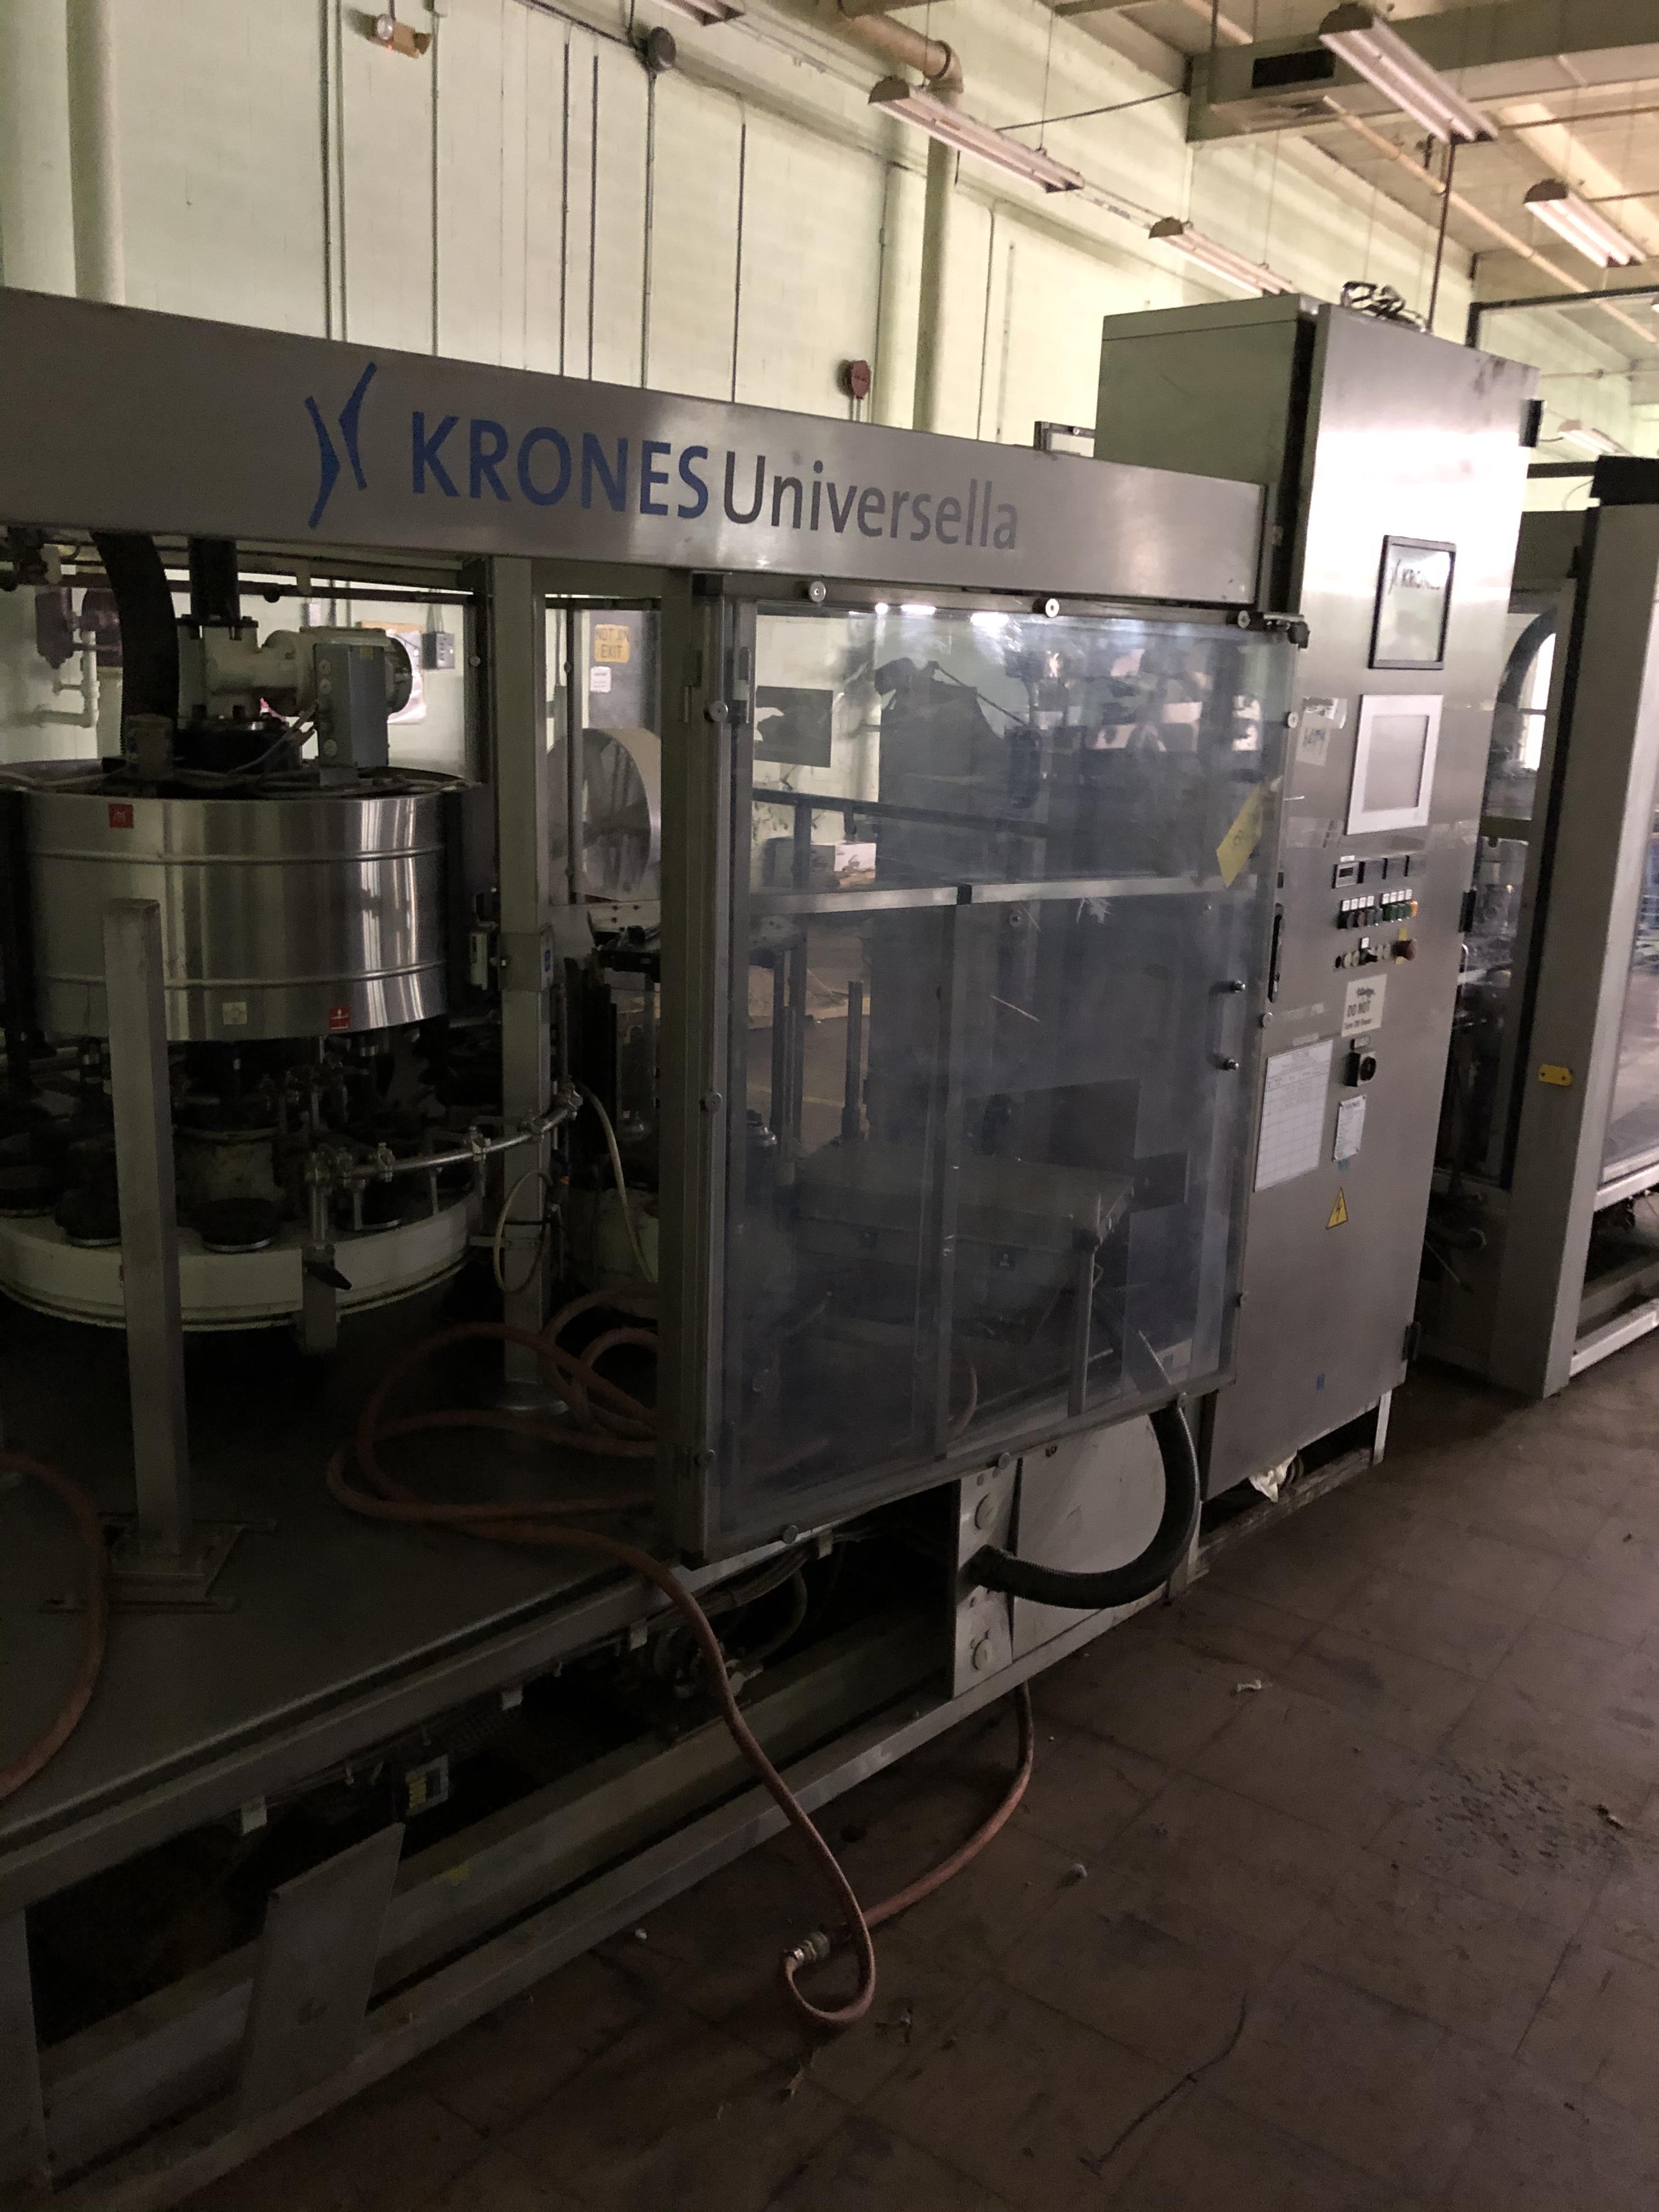 Krones Universella Labeler, Machine #723-E86, RIGGING FEE - $1750 - Image 5 of 6